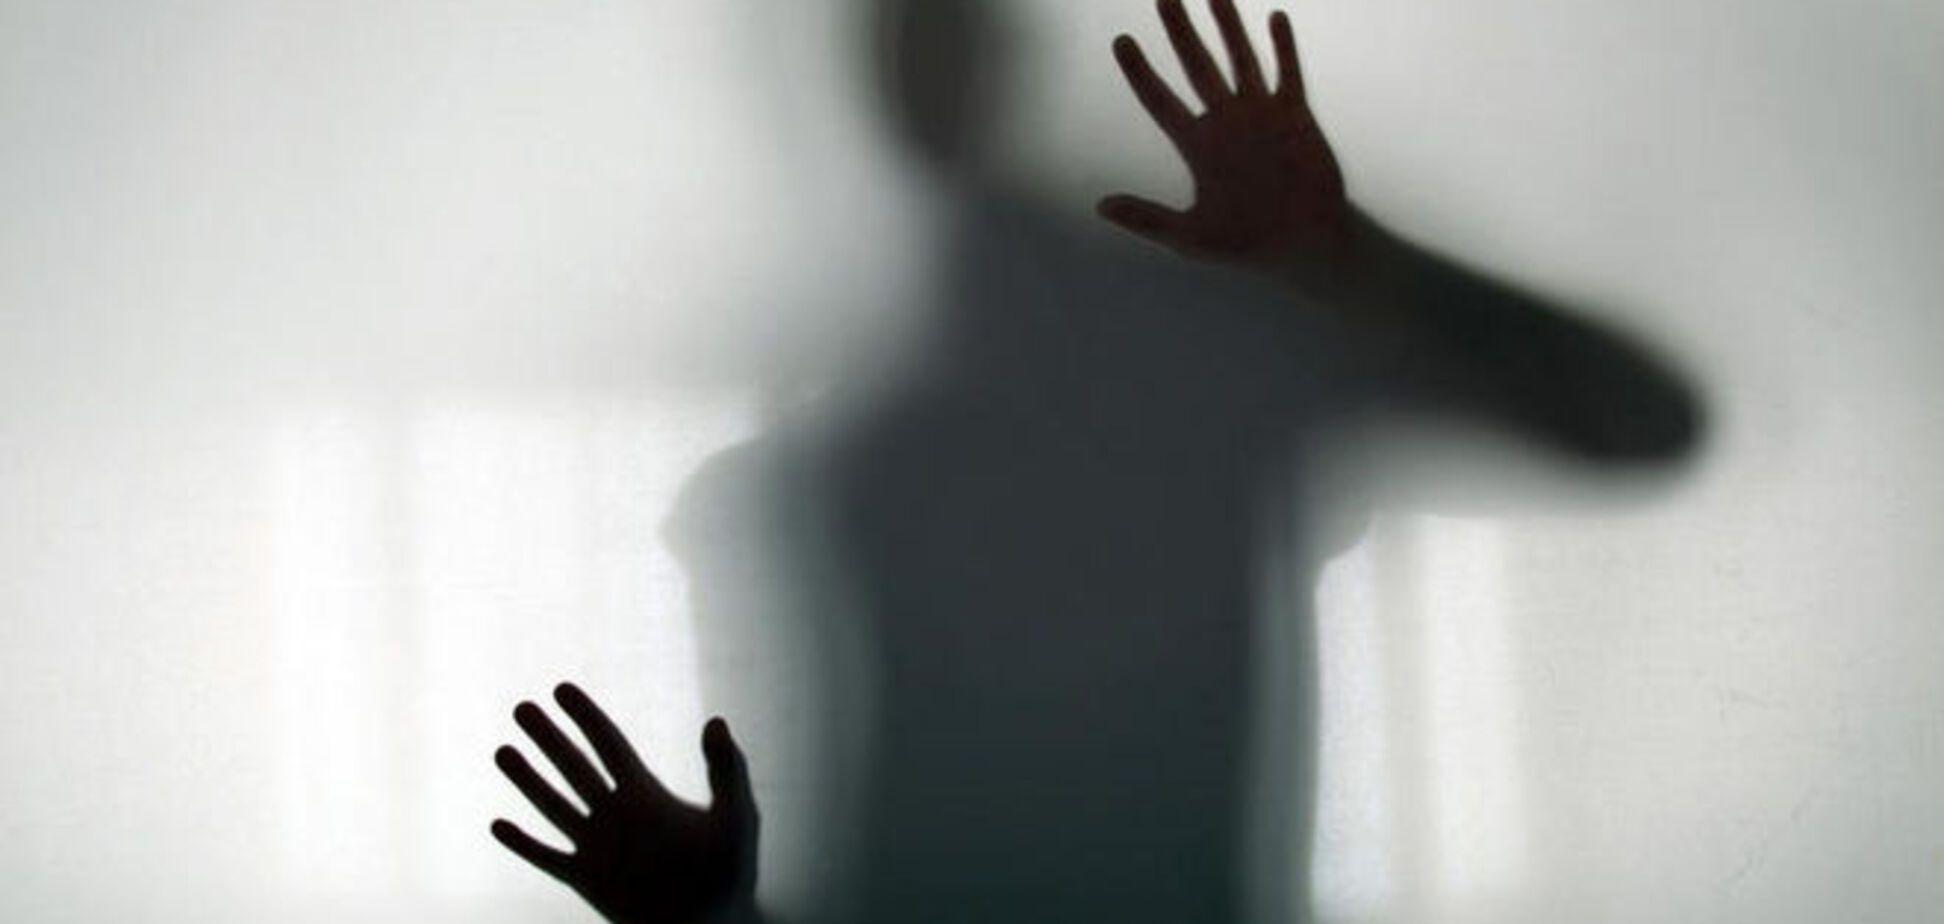 Искусственный призрак напугал участников научного эксперимента: видео